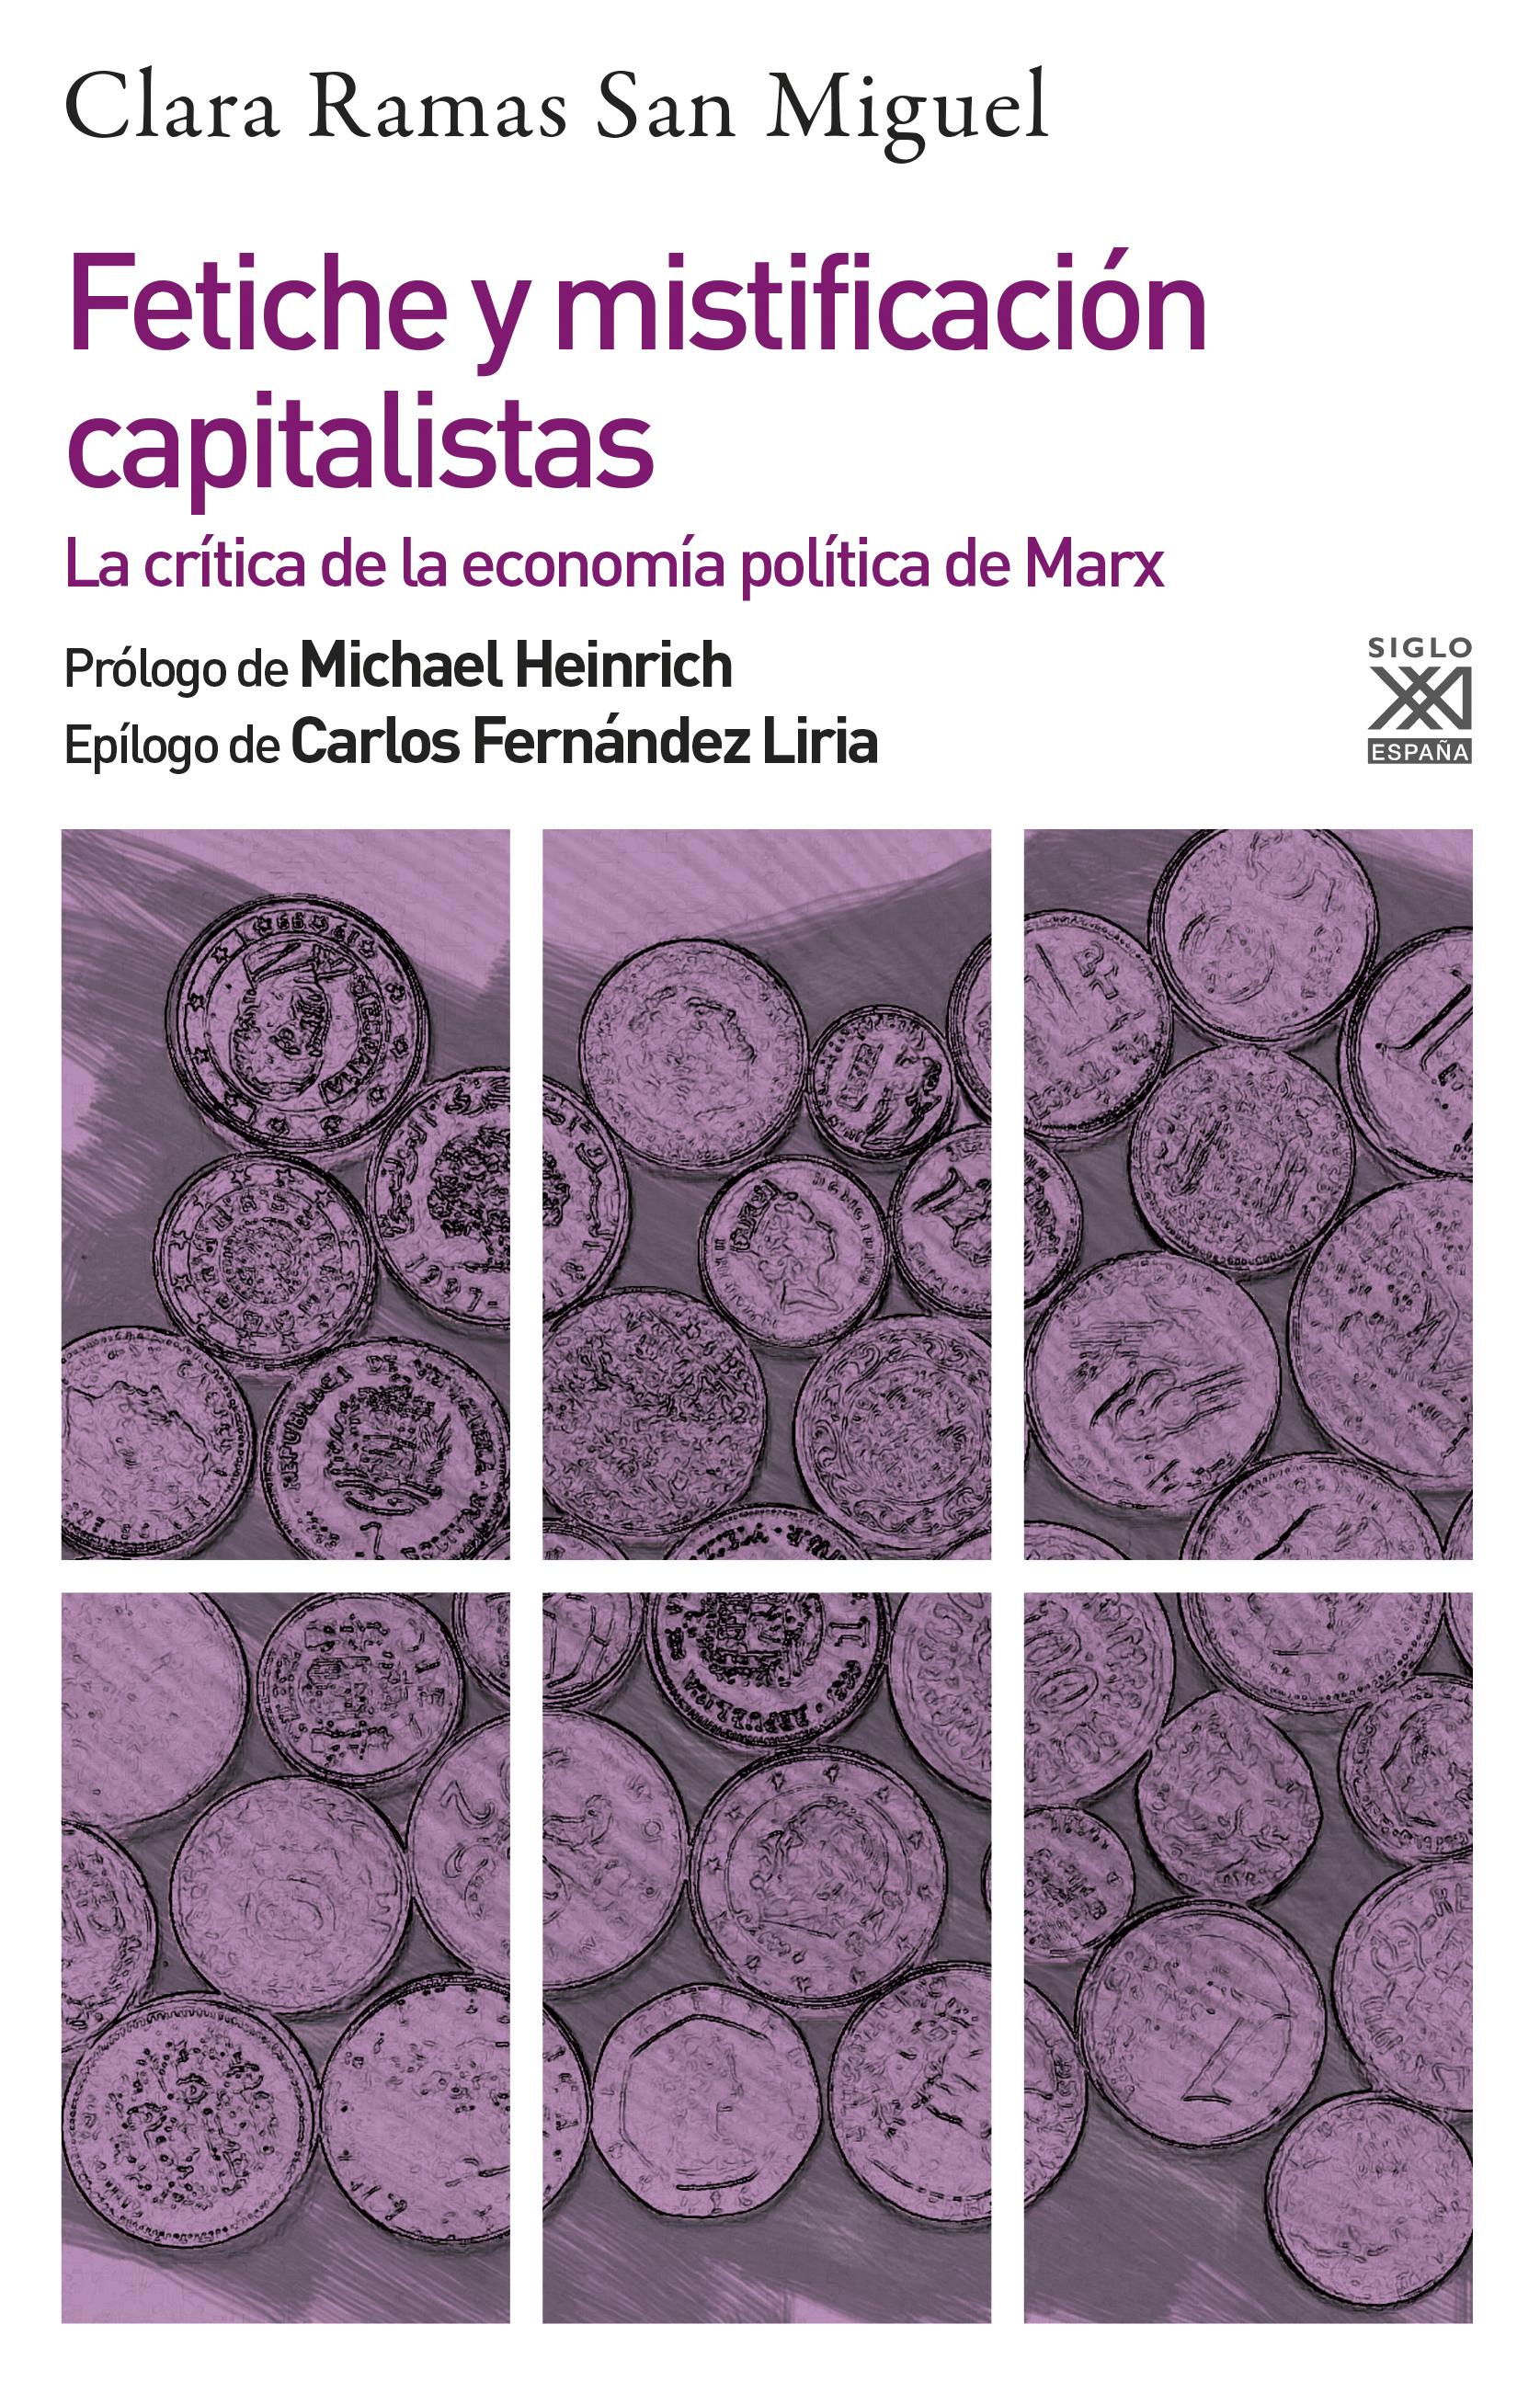 Fetiche y mistificación capitalistas: la crítica de la economía política de Marx, de Clara Ramas Sanmiguel